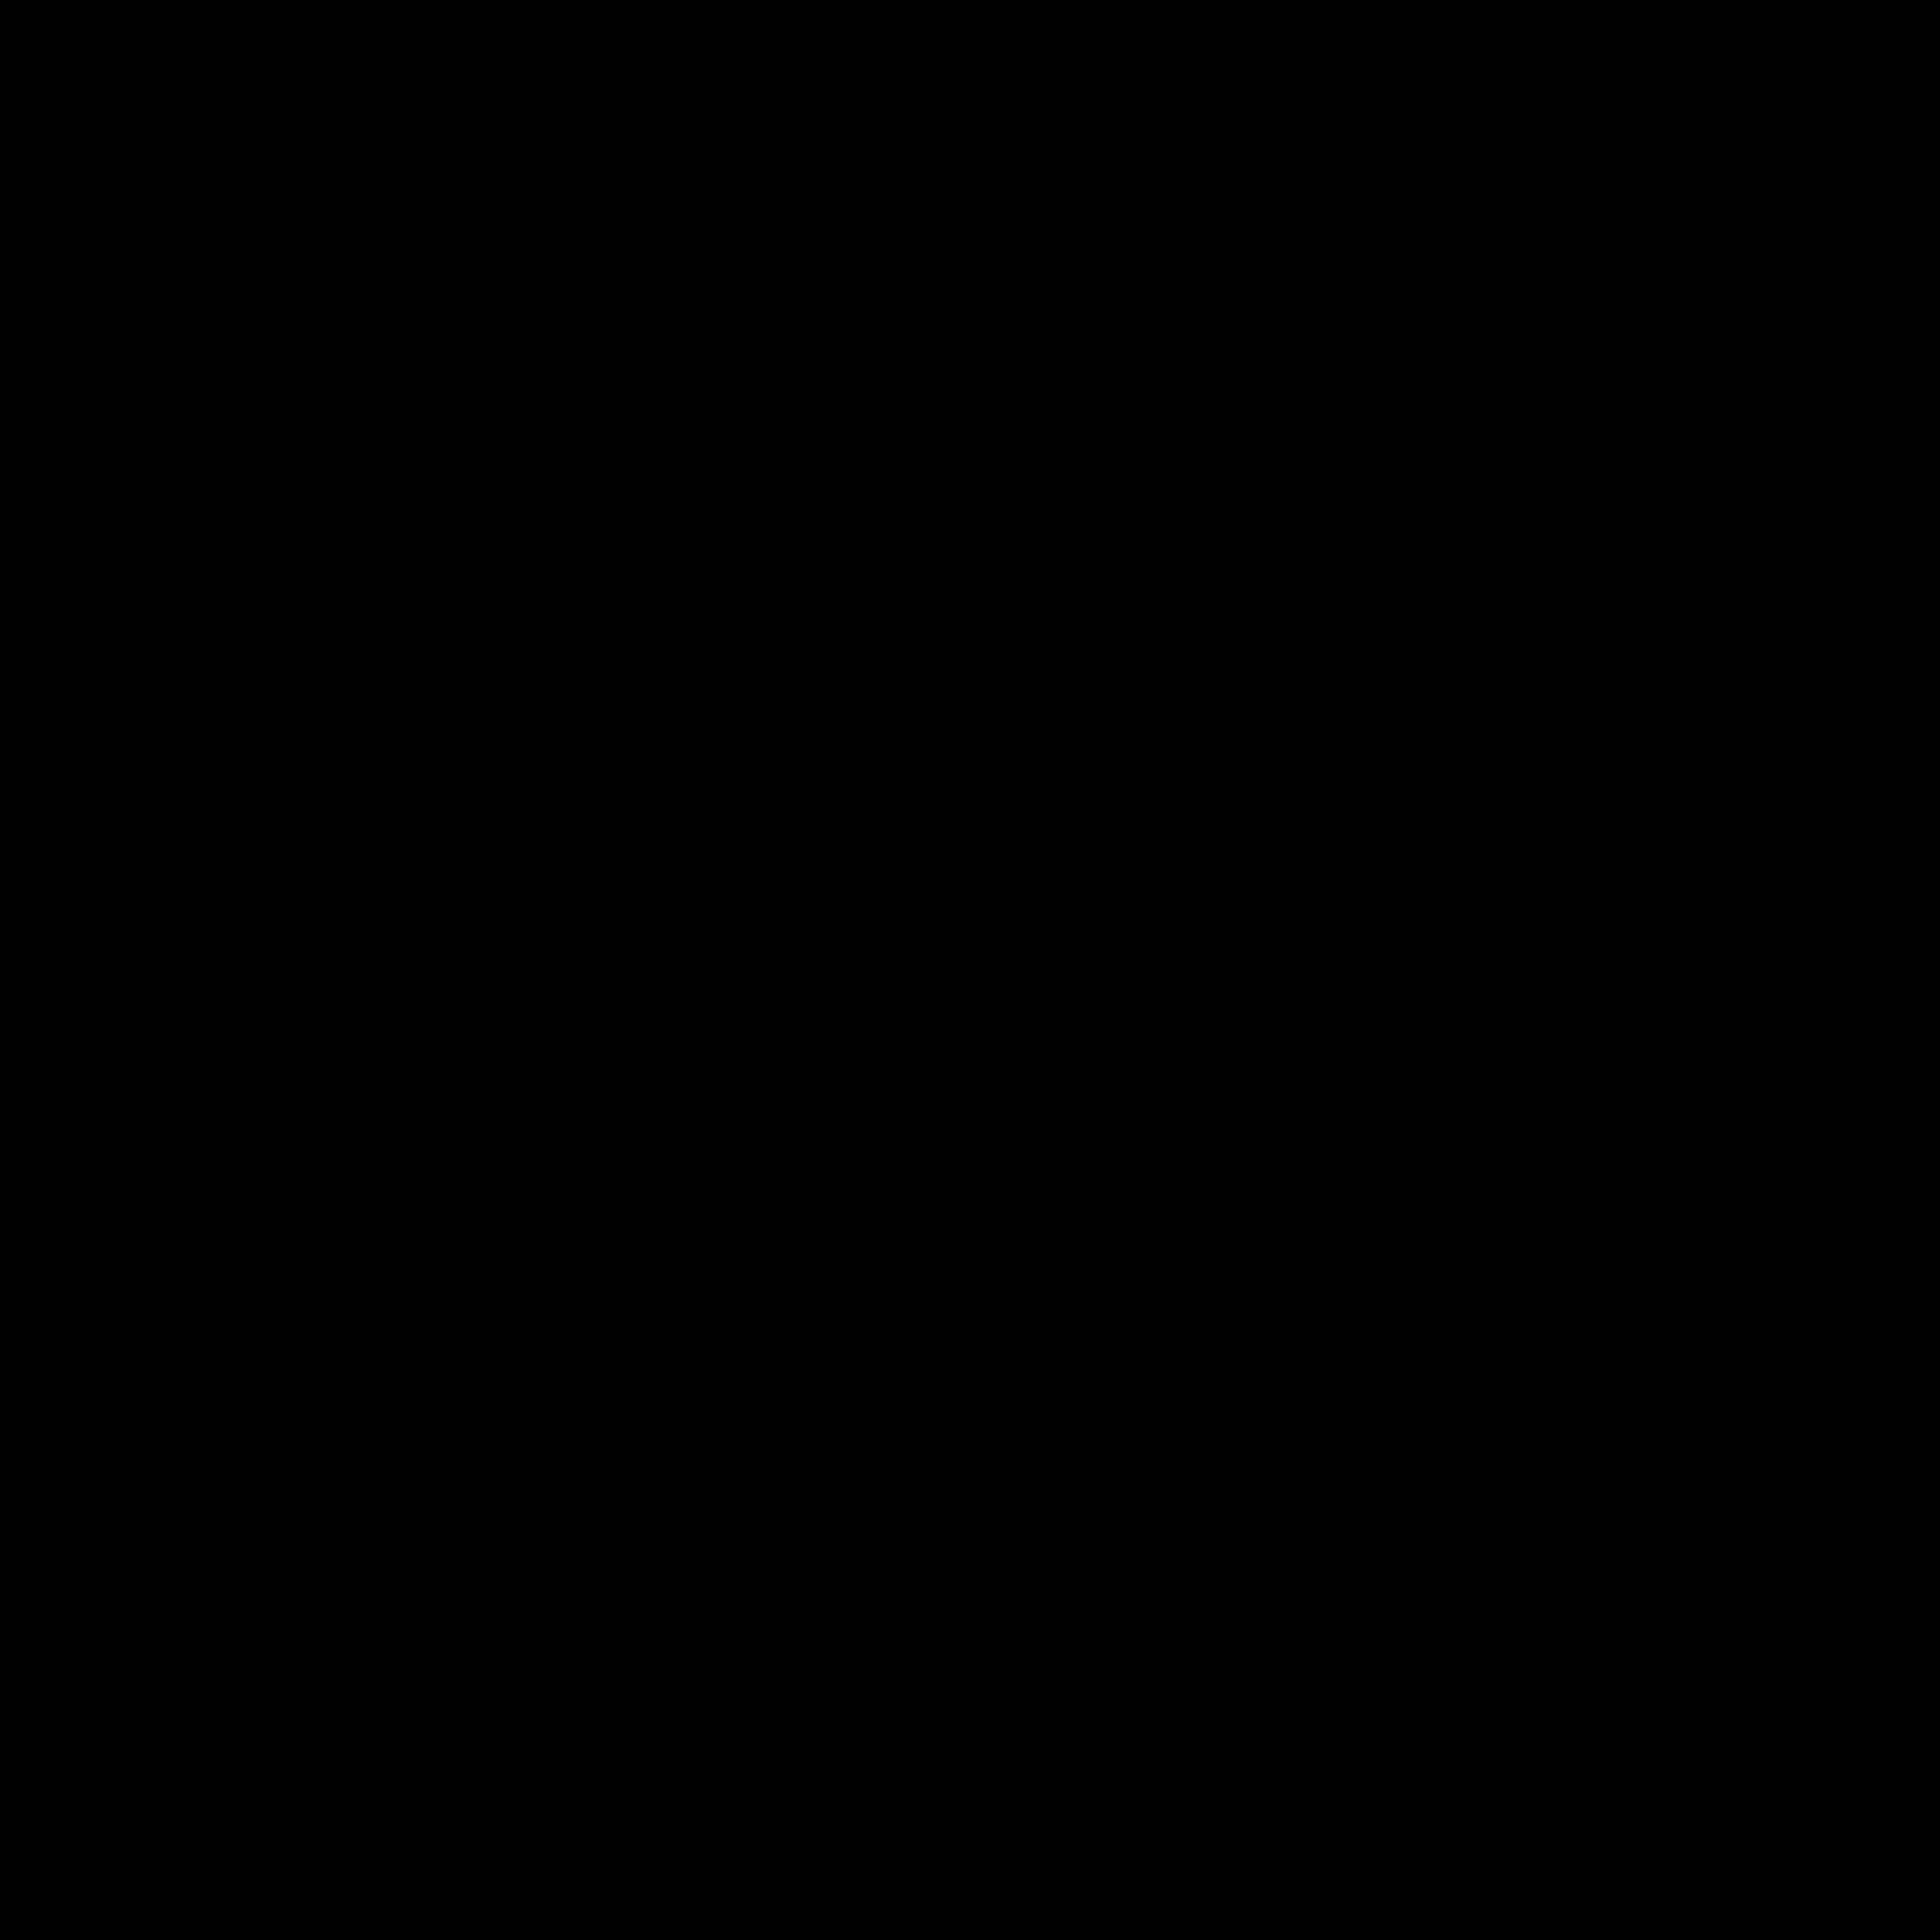 Rafforzamento del Fondo per una giusta transizione, che passa da 7,5 a 40 miliardi di euro.